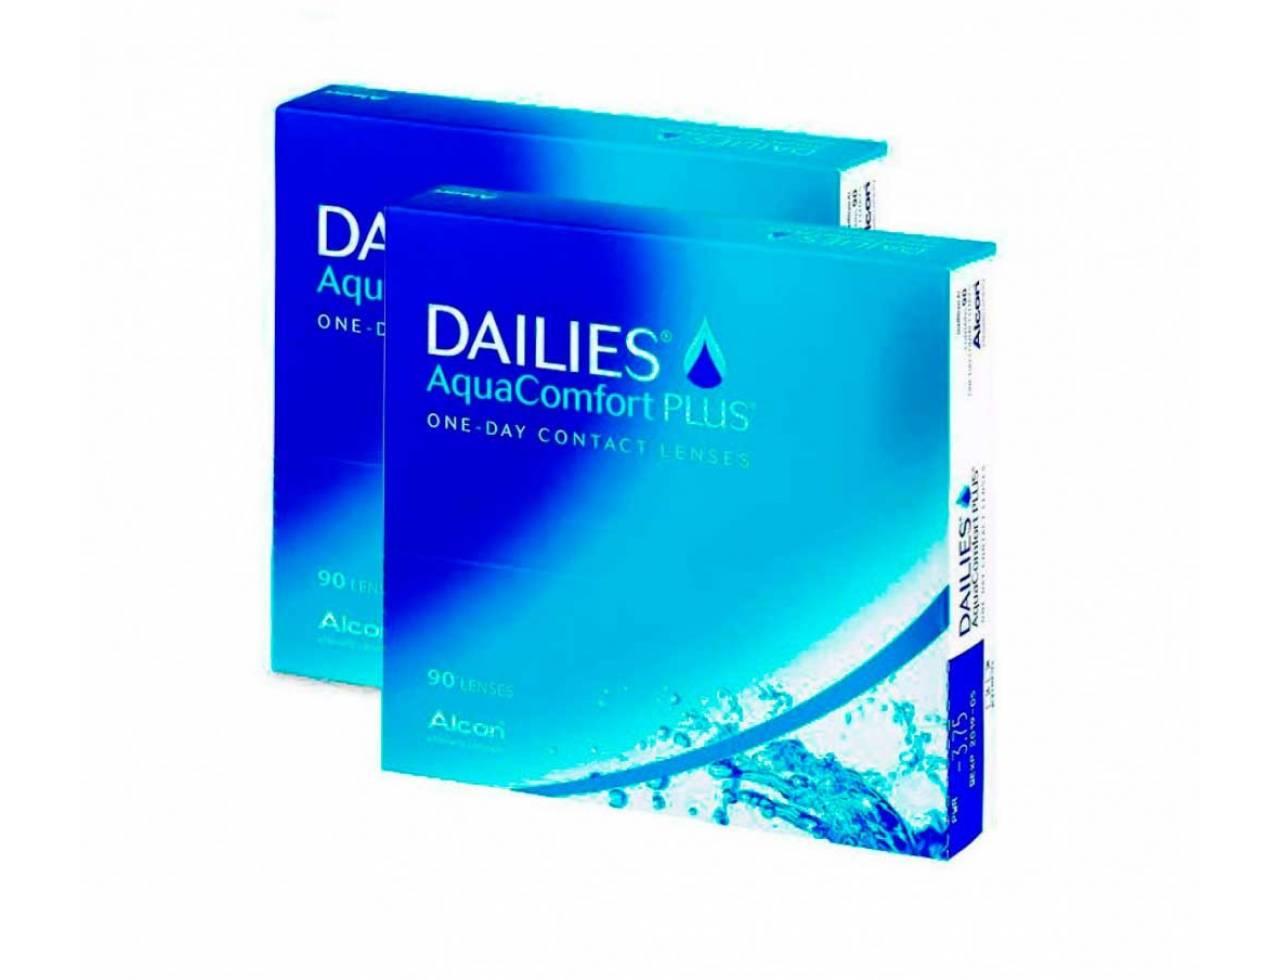 Dailies AquaComfort Plus - 2 уп. по 90 линз (-3%) - Фото №7